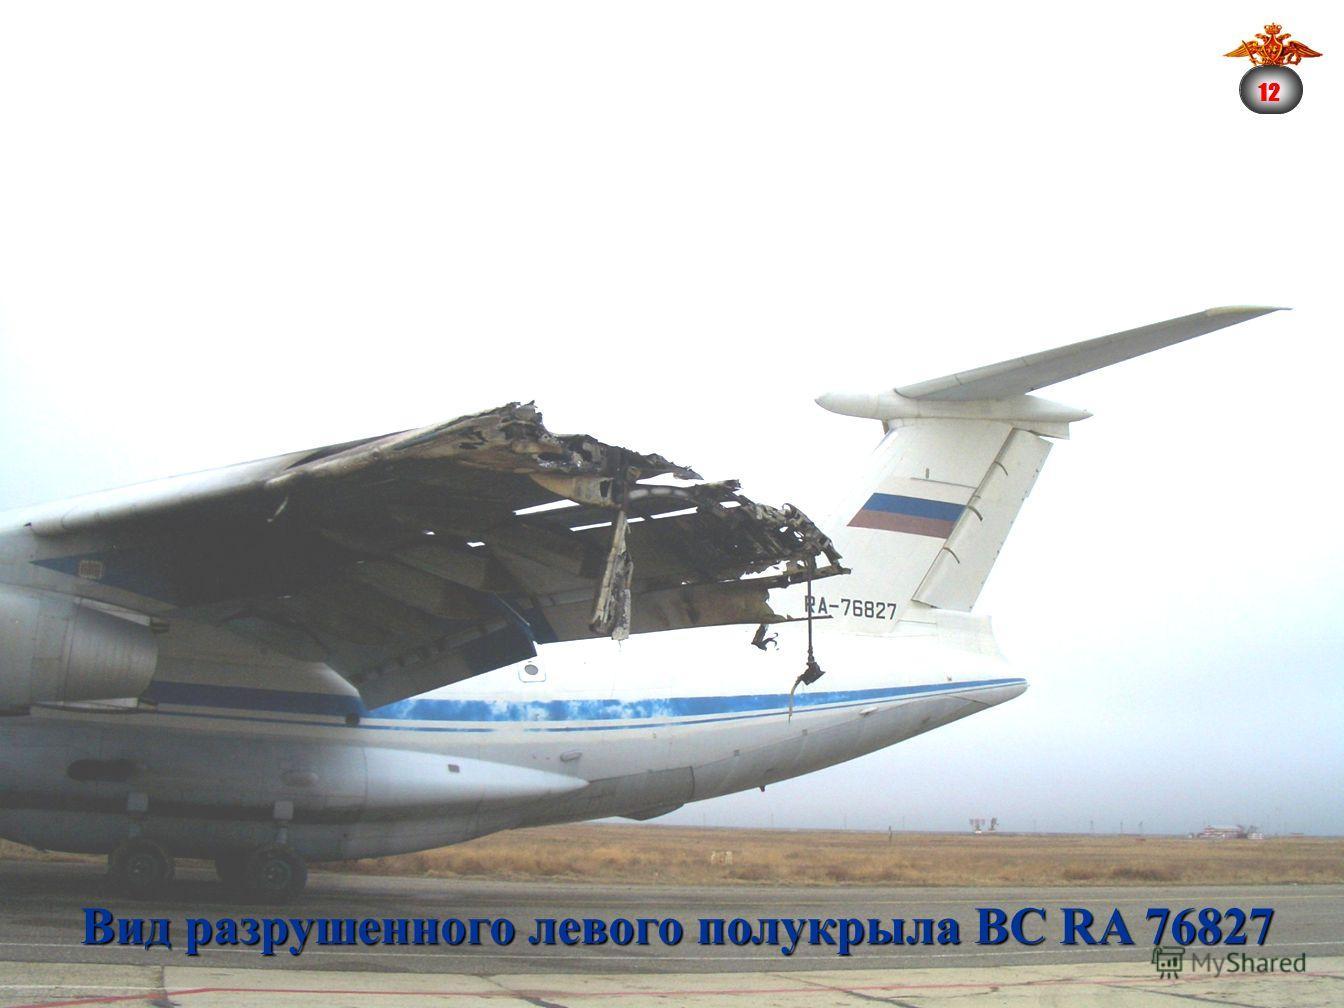 Вид разрушенного левого полукрыла ВС RA 76827 12